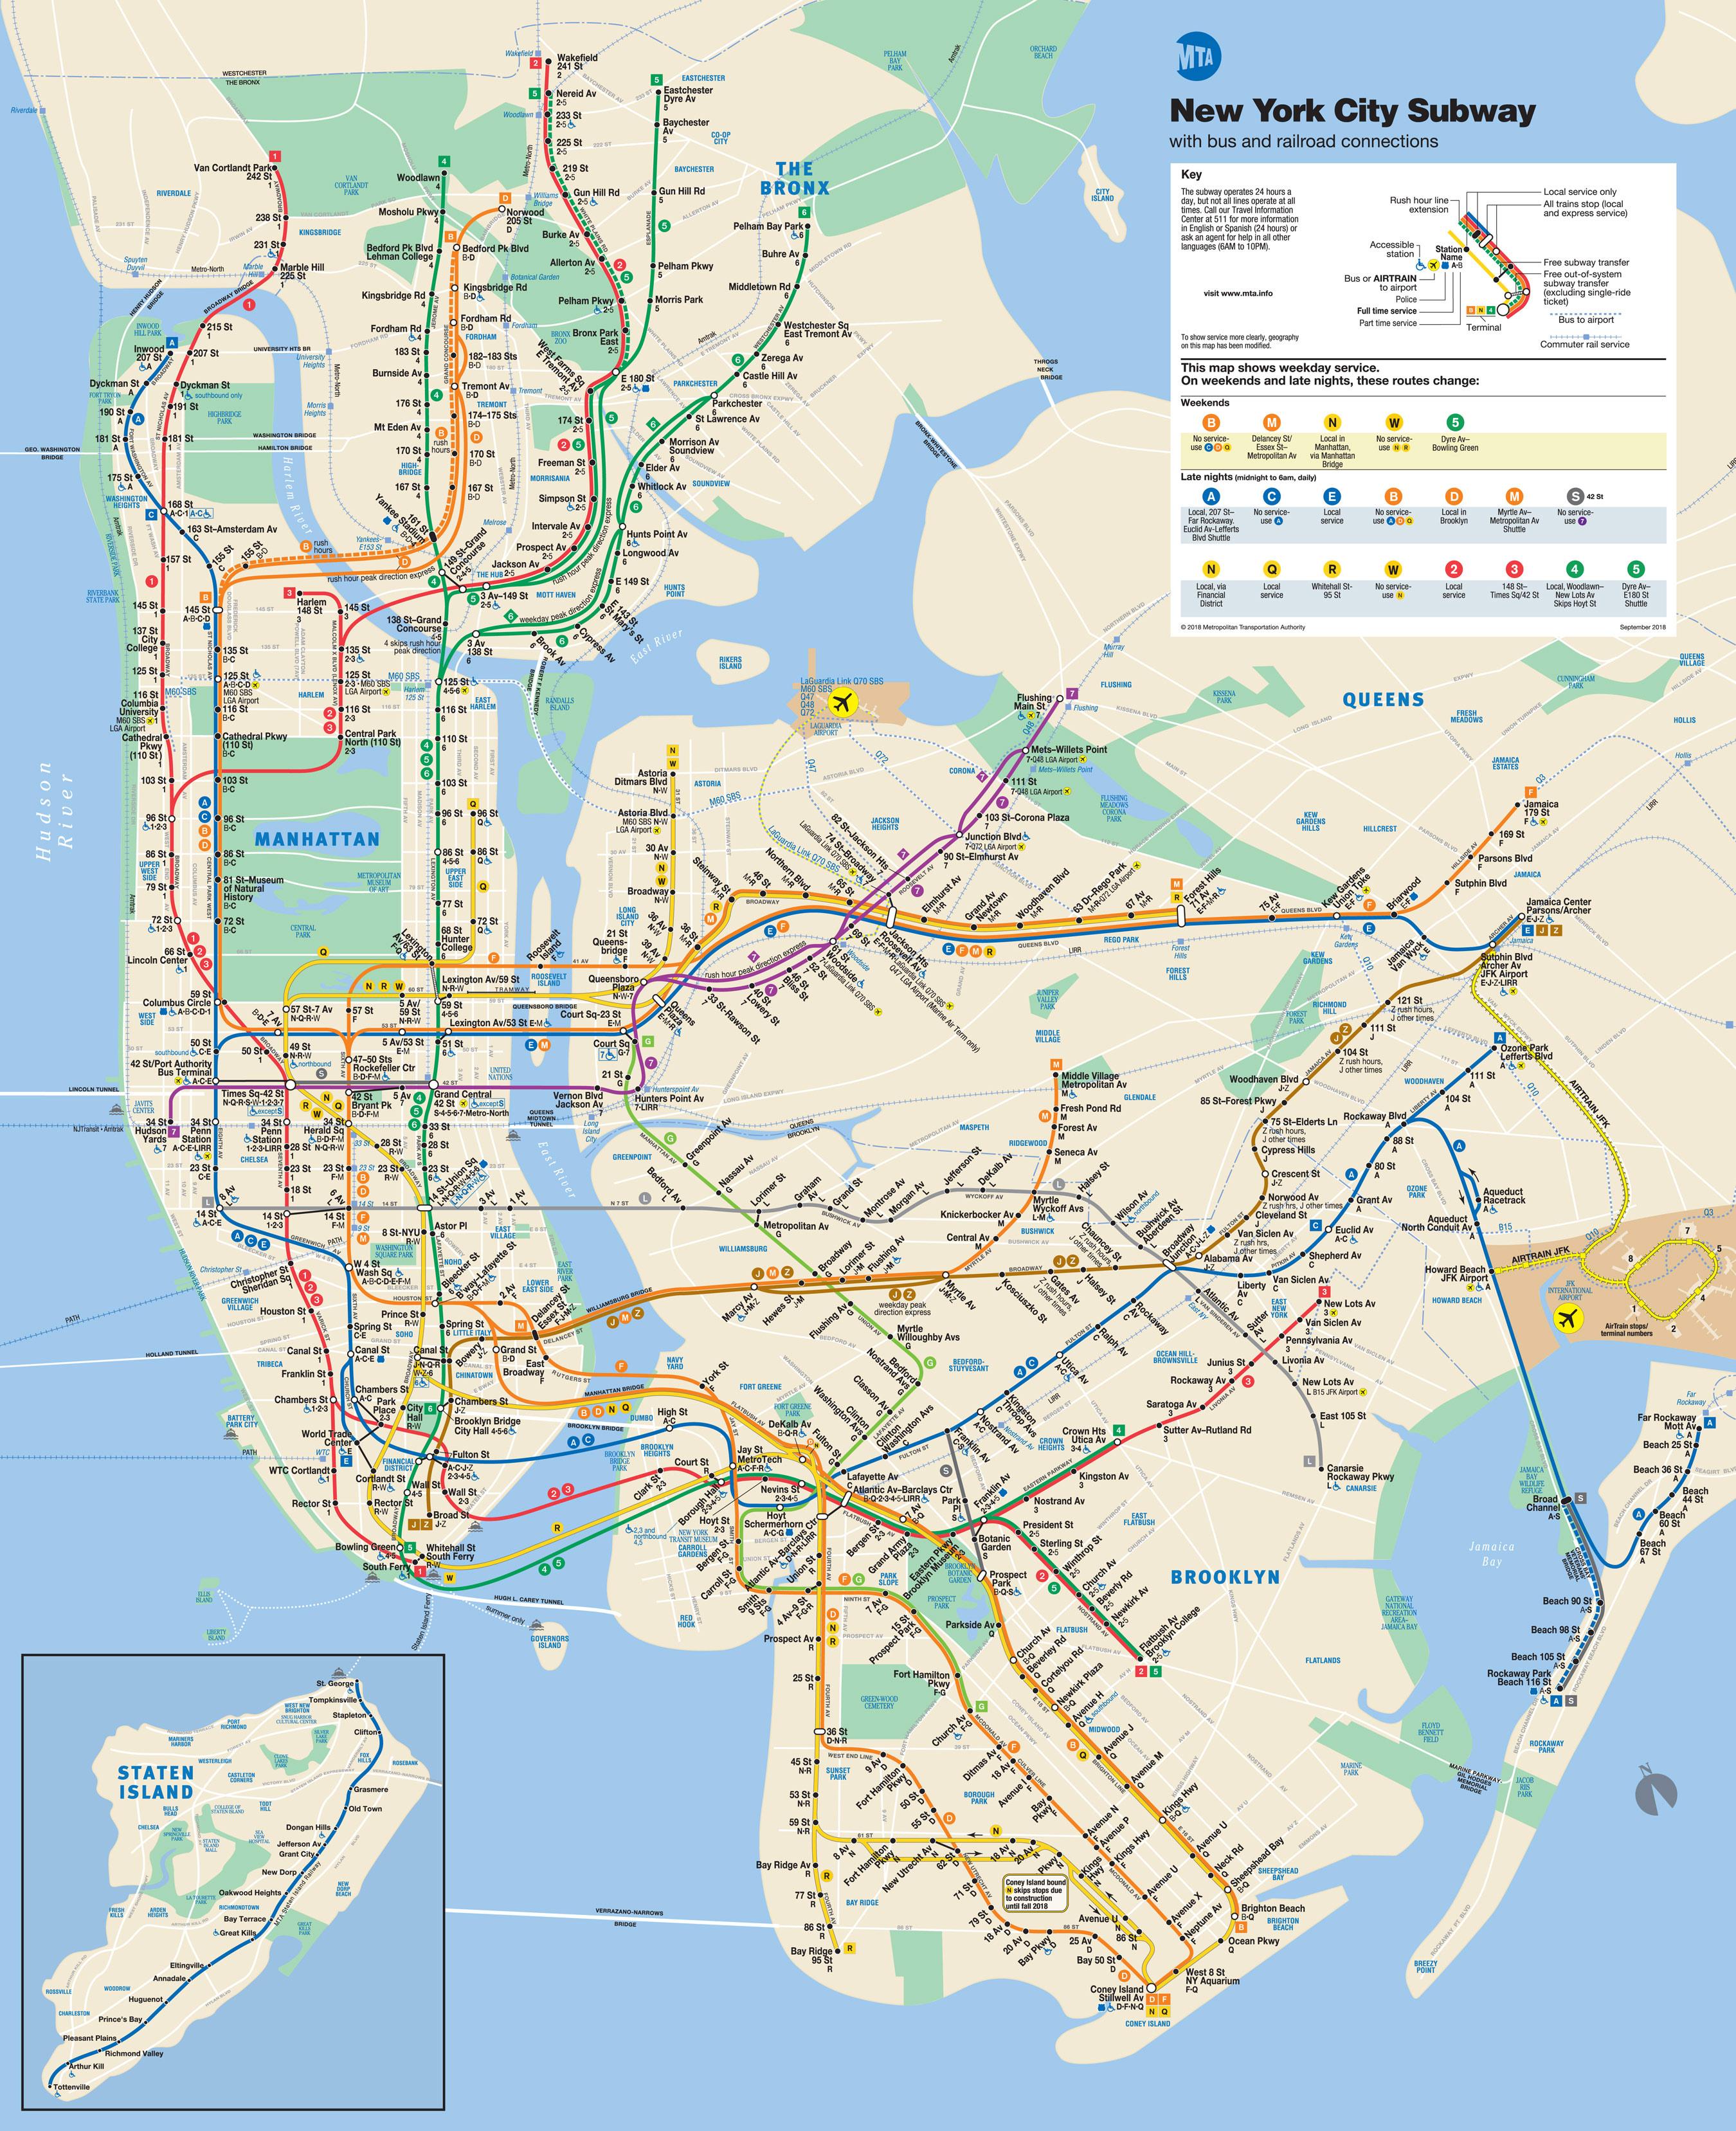 Метро — самый быстрый способ передвижения по Нью-Йорку